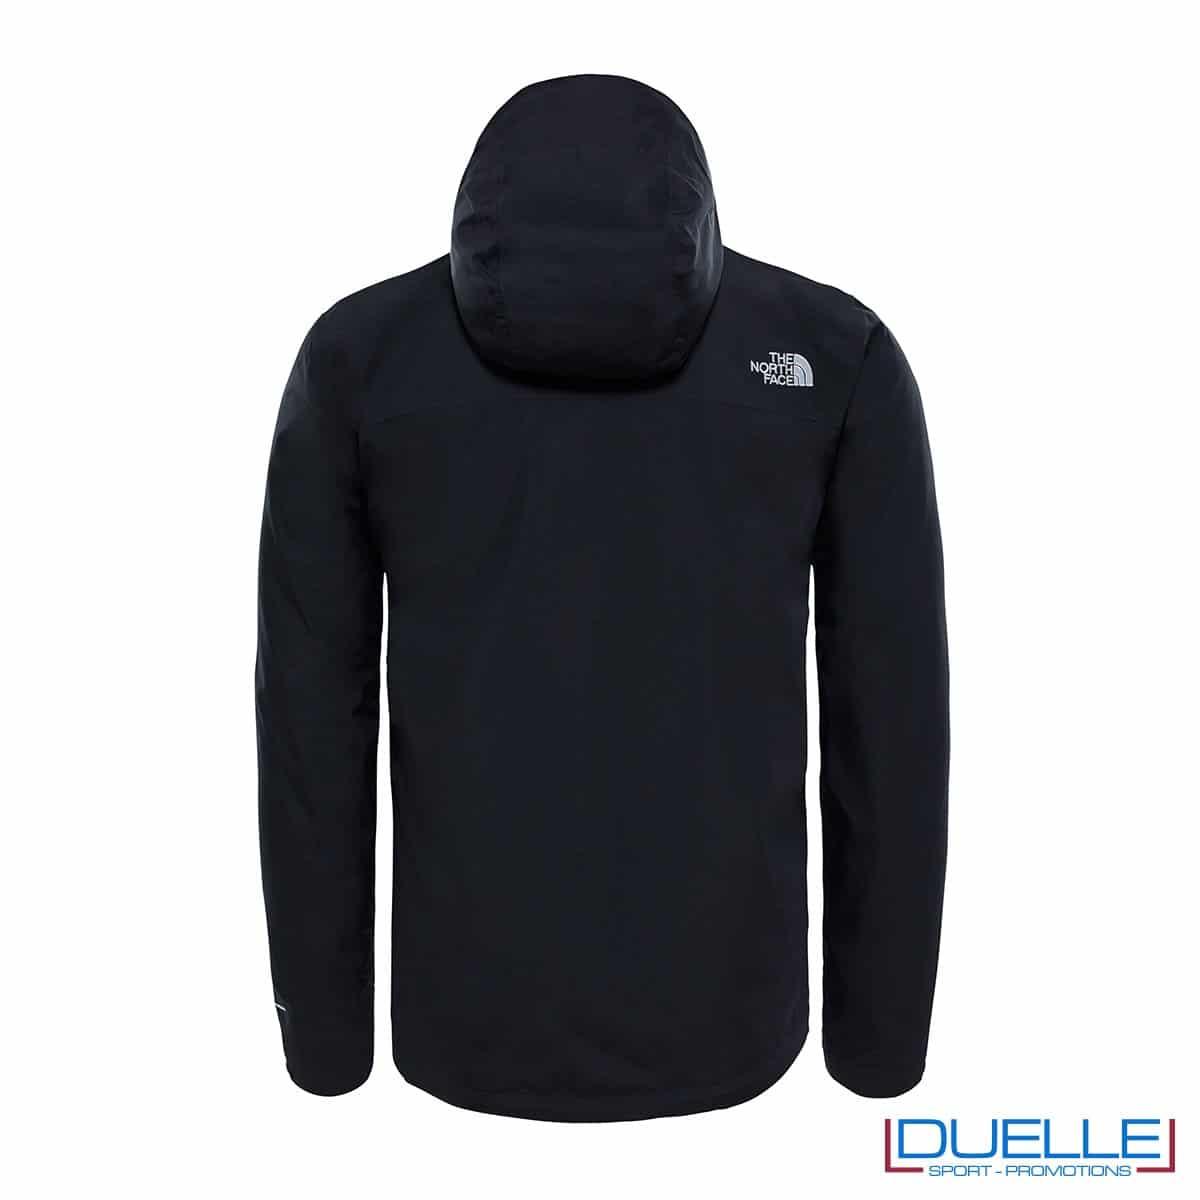 The North Face giacca Sangro personalizzata colore nero